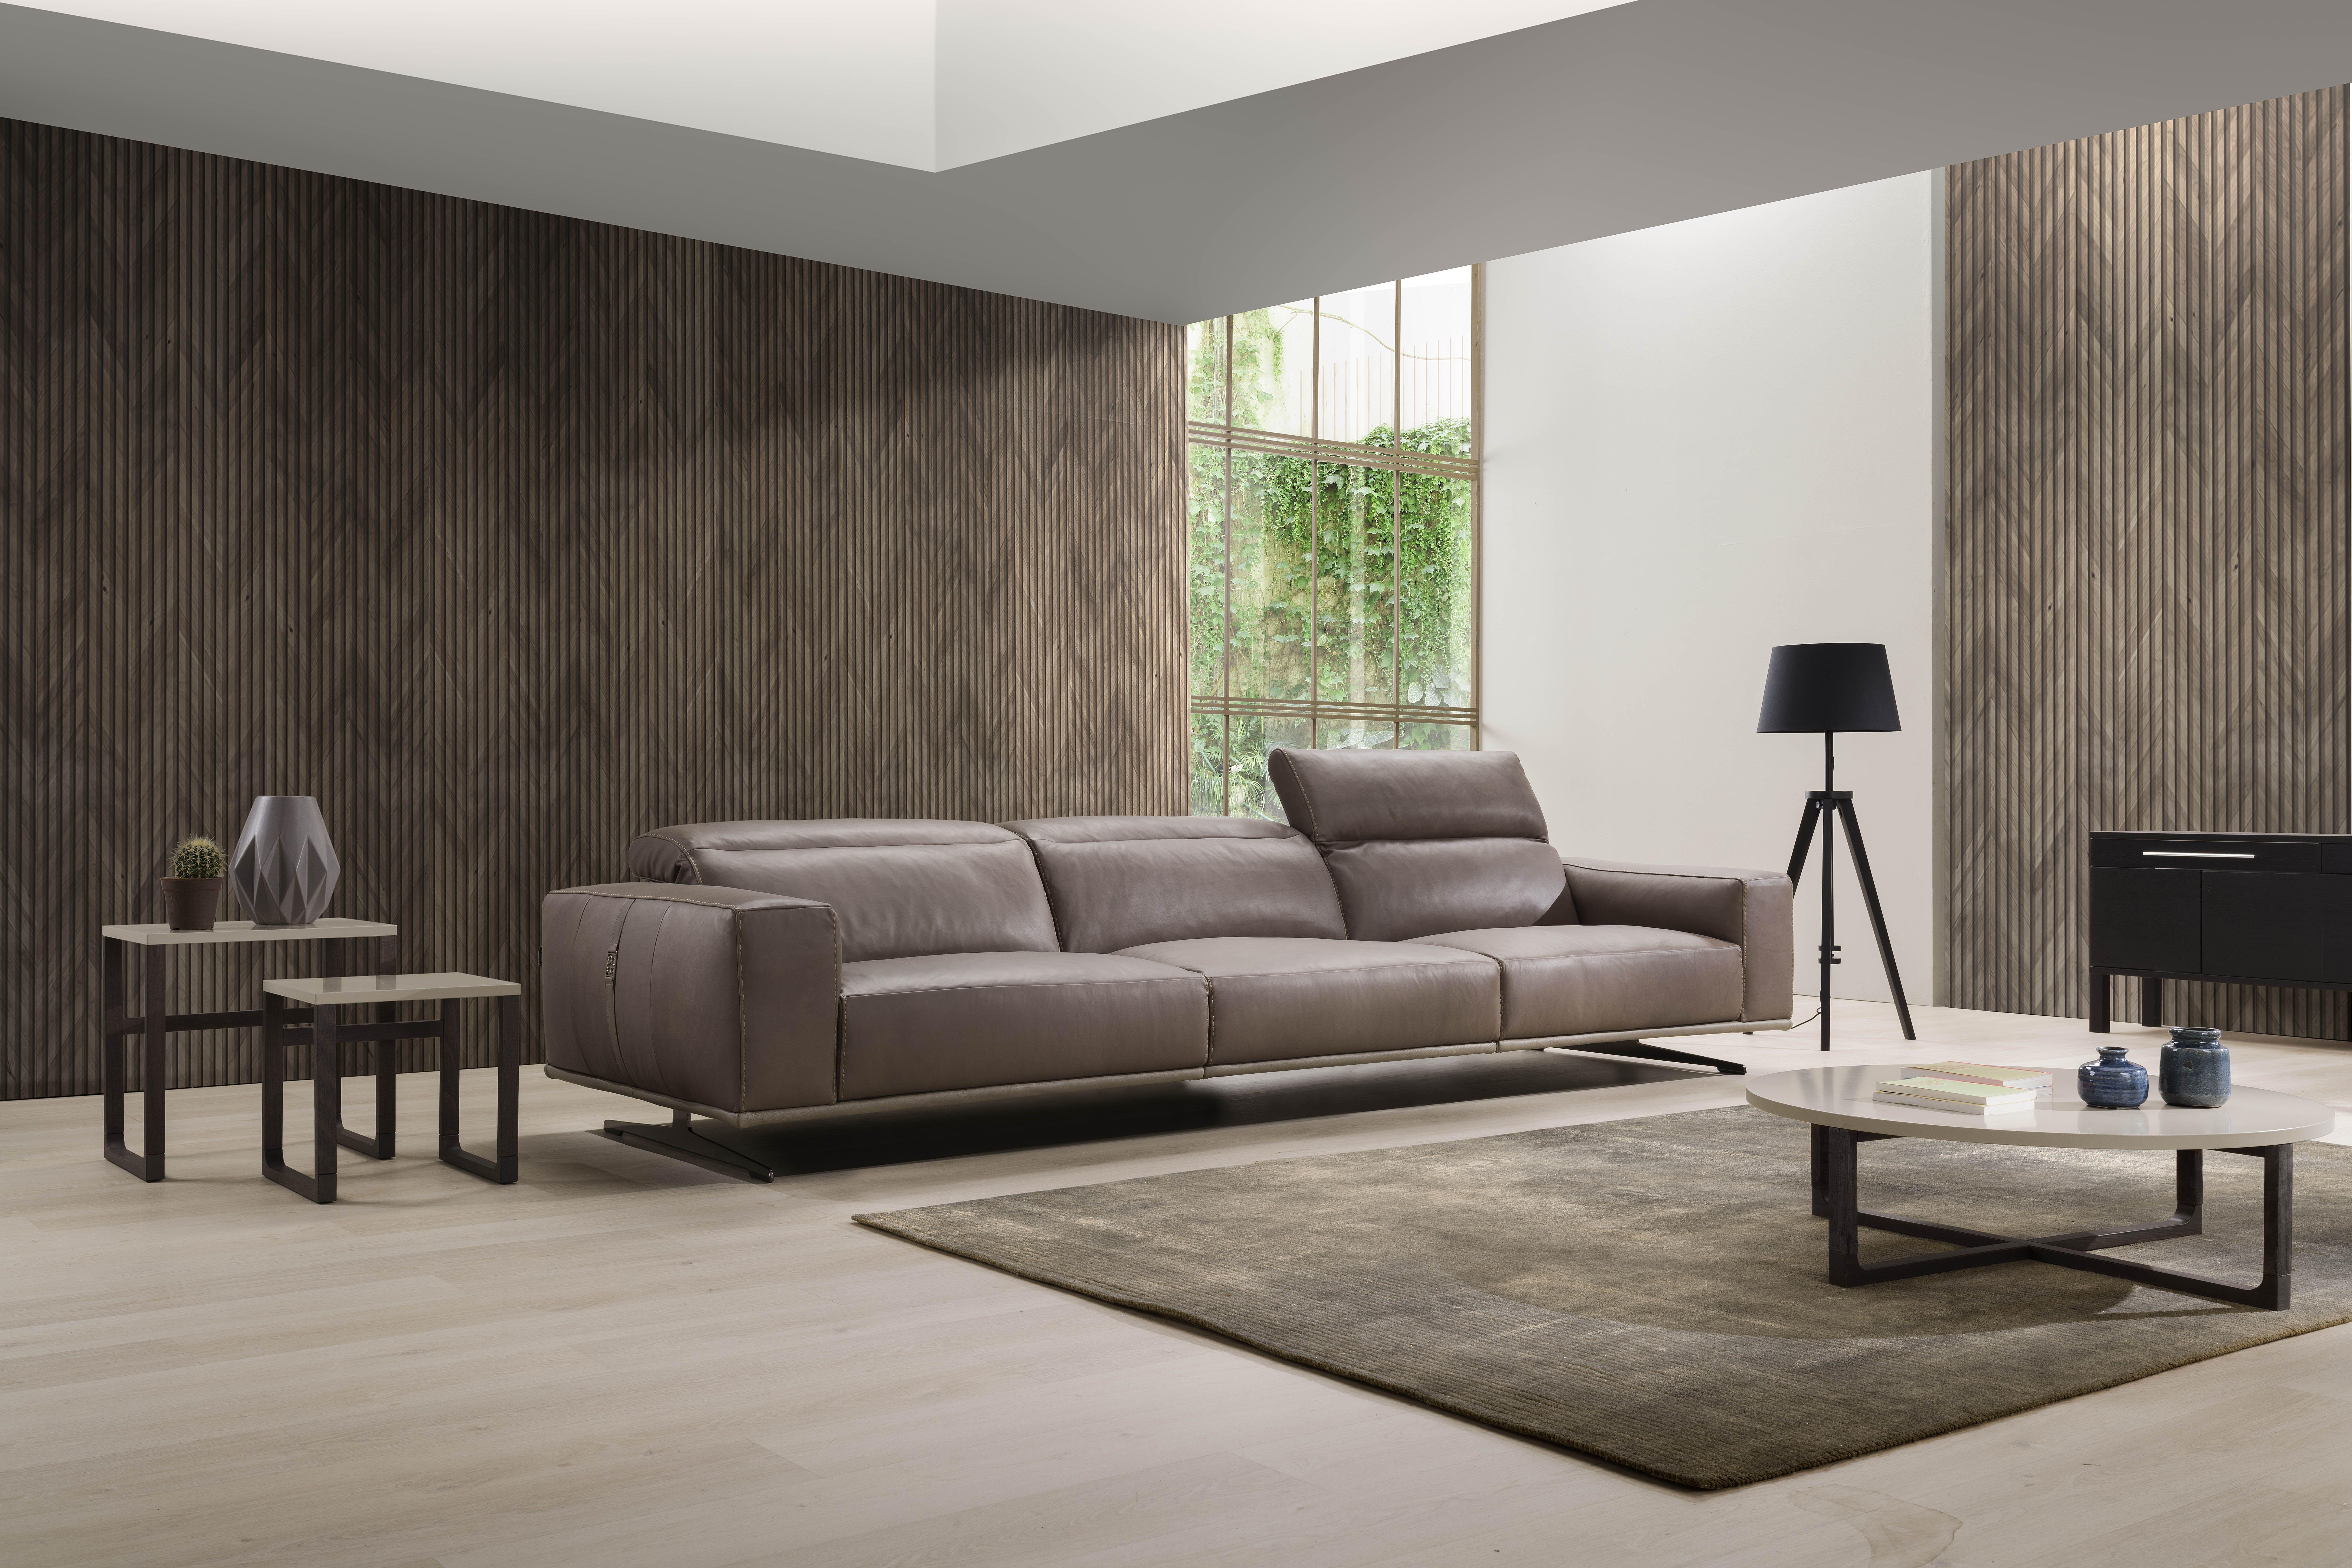 Chloe Sofa Extra Italian Leather Furniture Furniture Italian Furniture